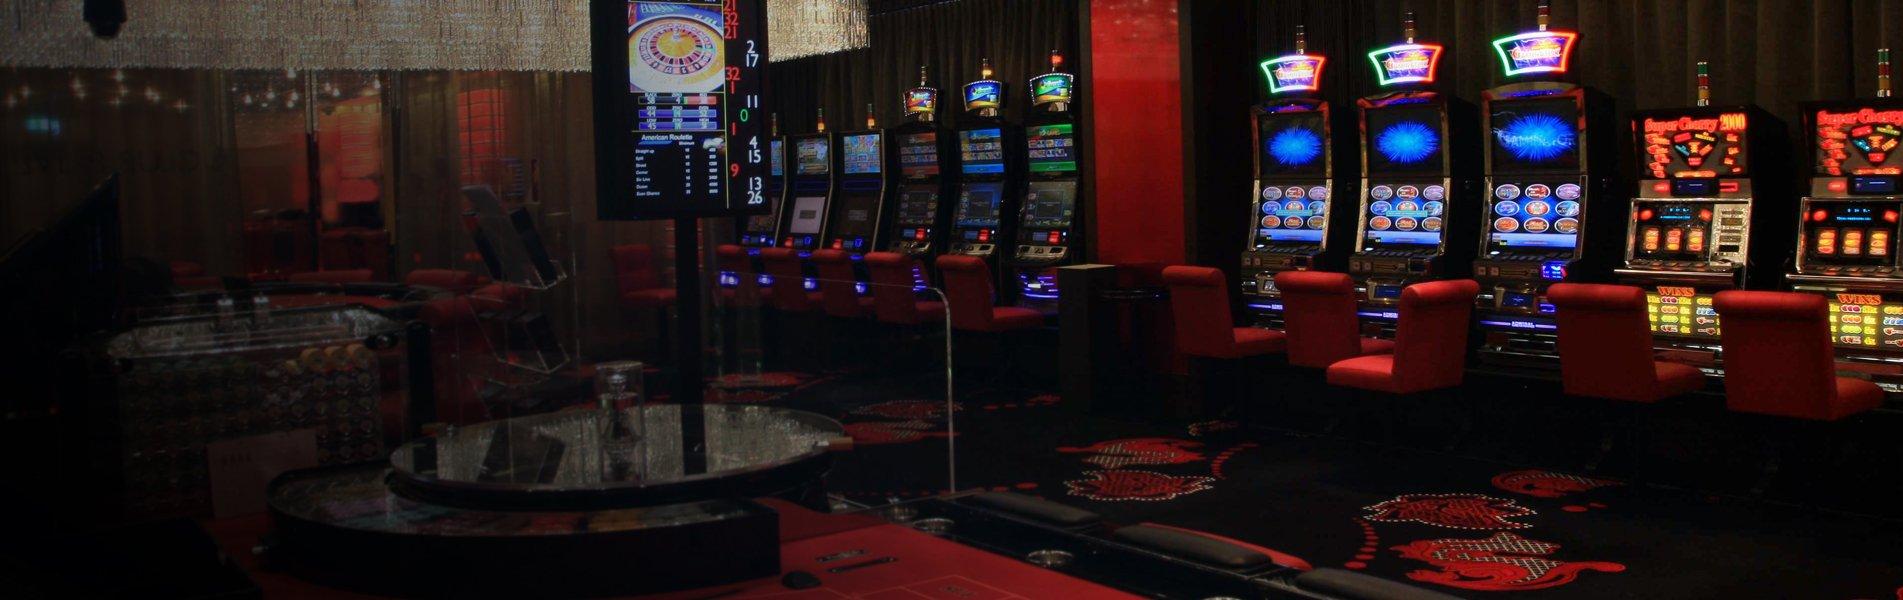 Schweiz Casinos Zürich 596443